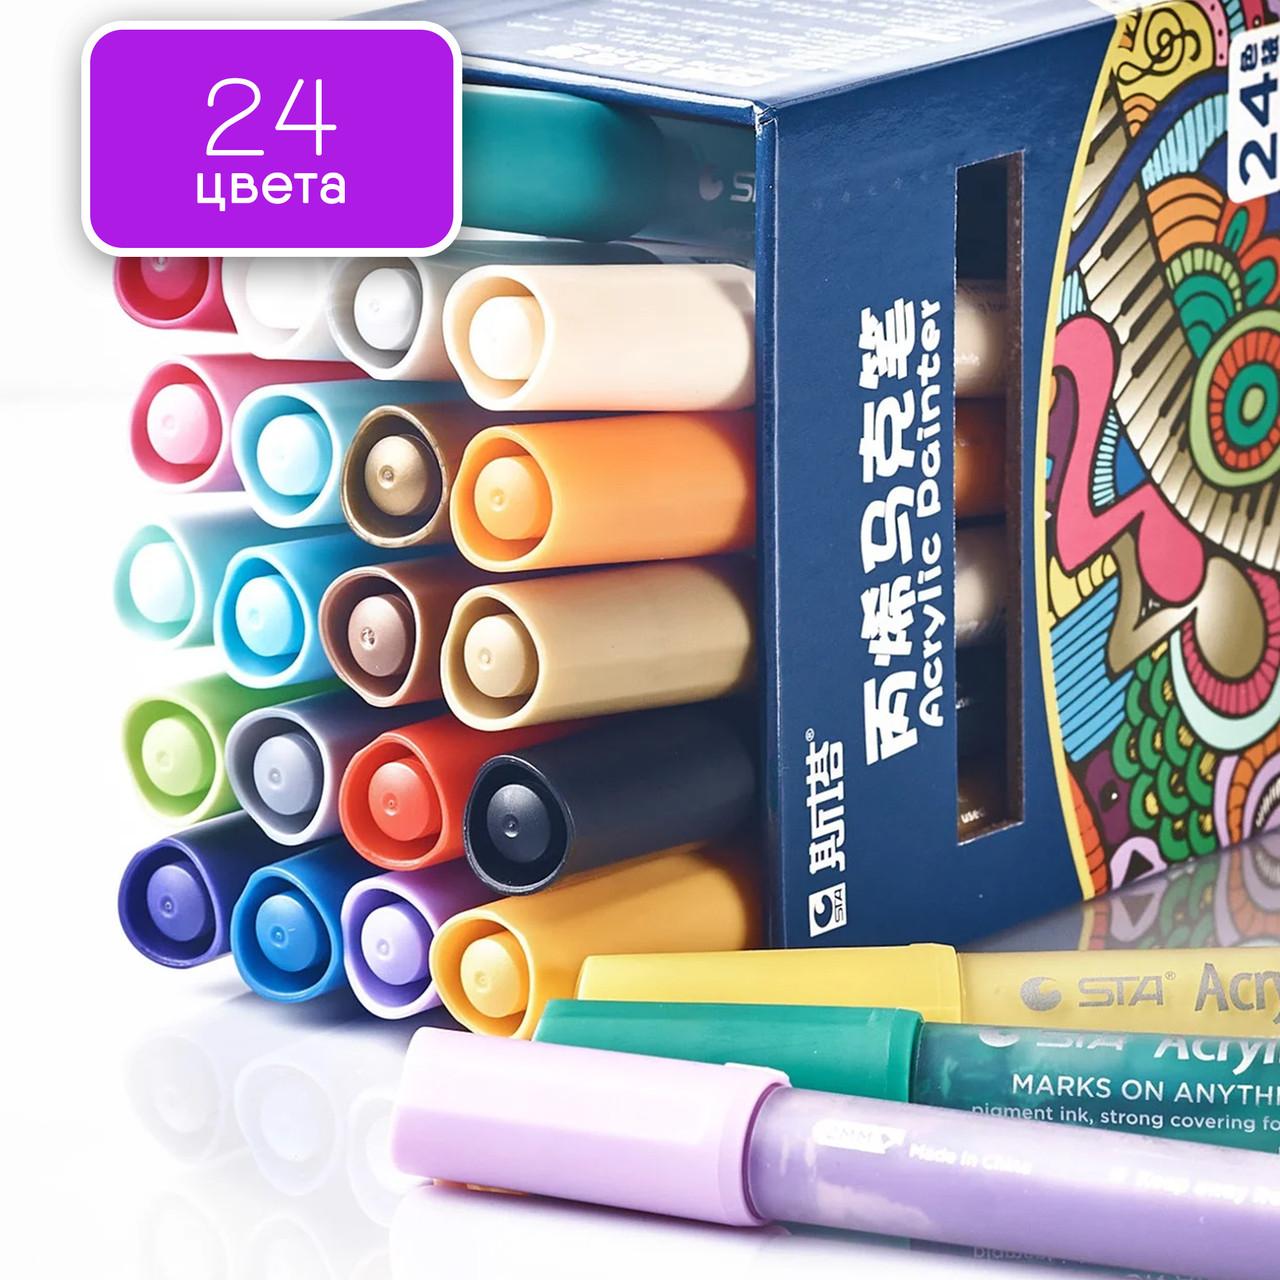 Акриловые маркеры 24 шт для холста, кожи, дерева, одежды. Набор цветных маркеров 24 цвета для рисования